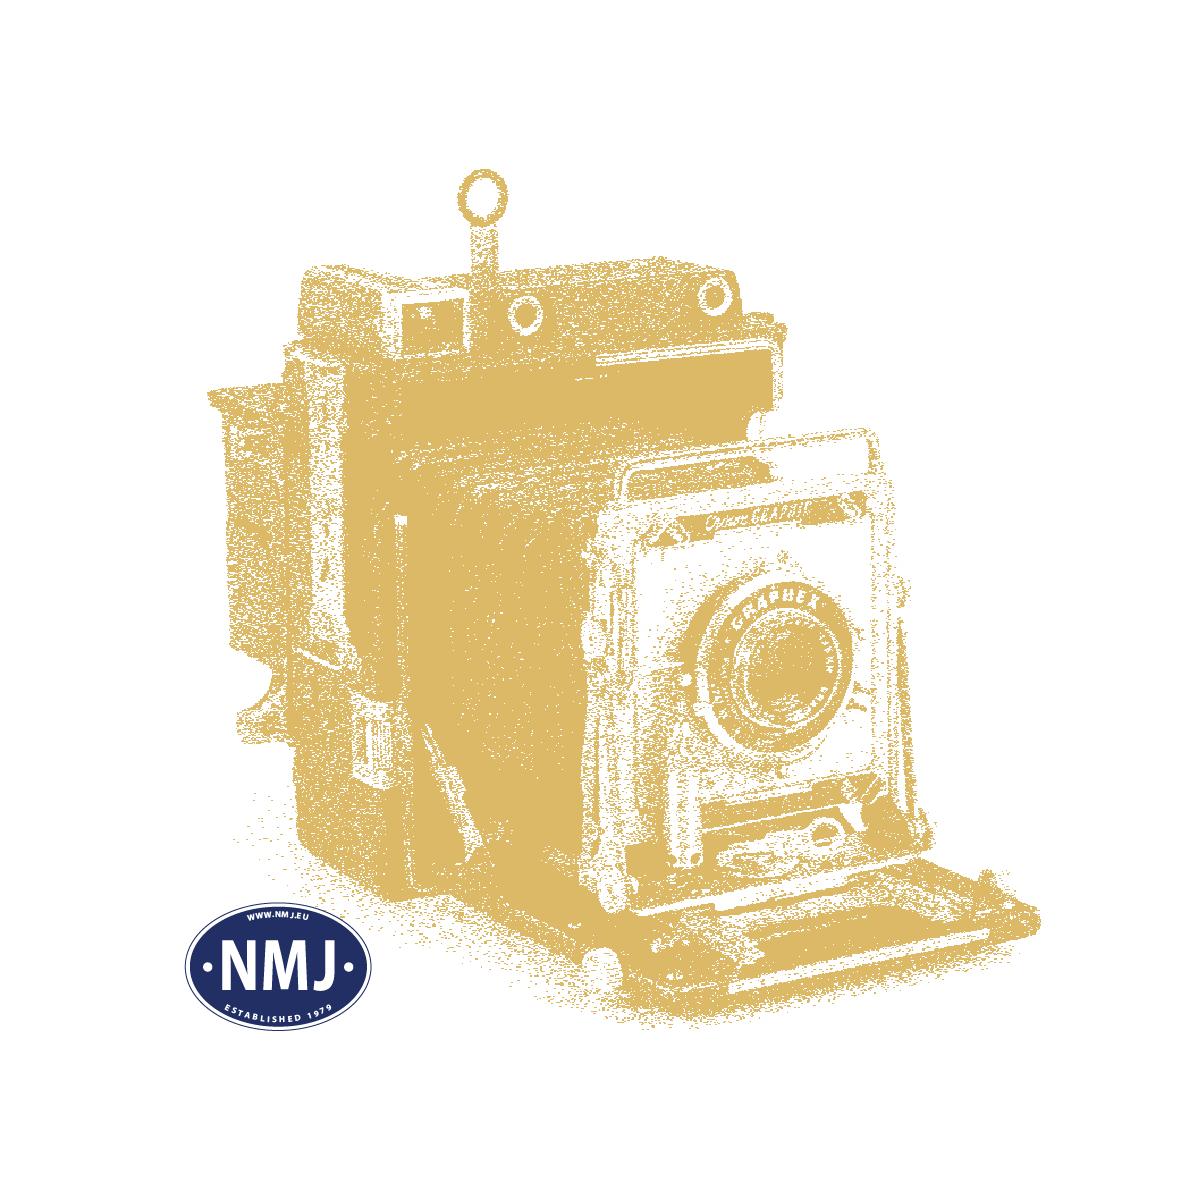 NMJT9915 - Snøplog, Håndtak og Stige for El13 Nydesign